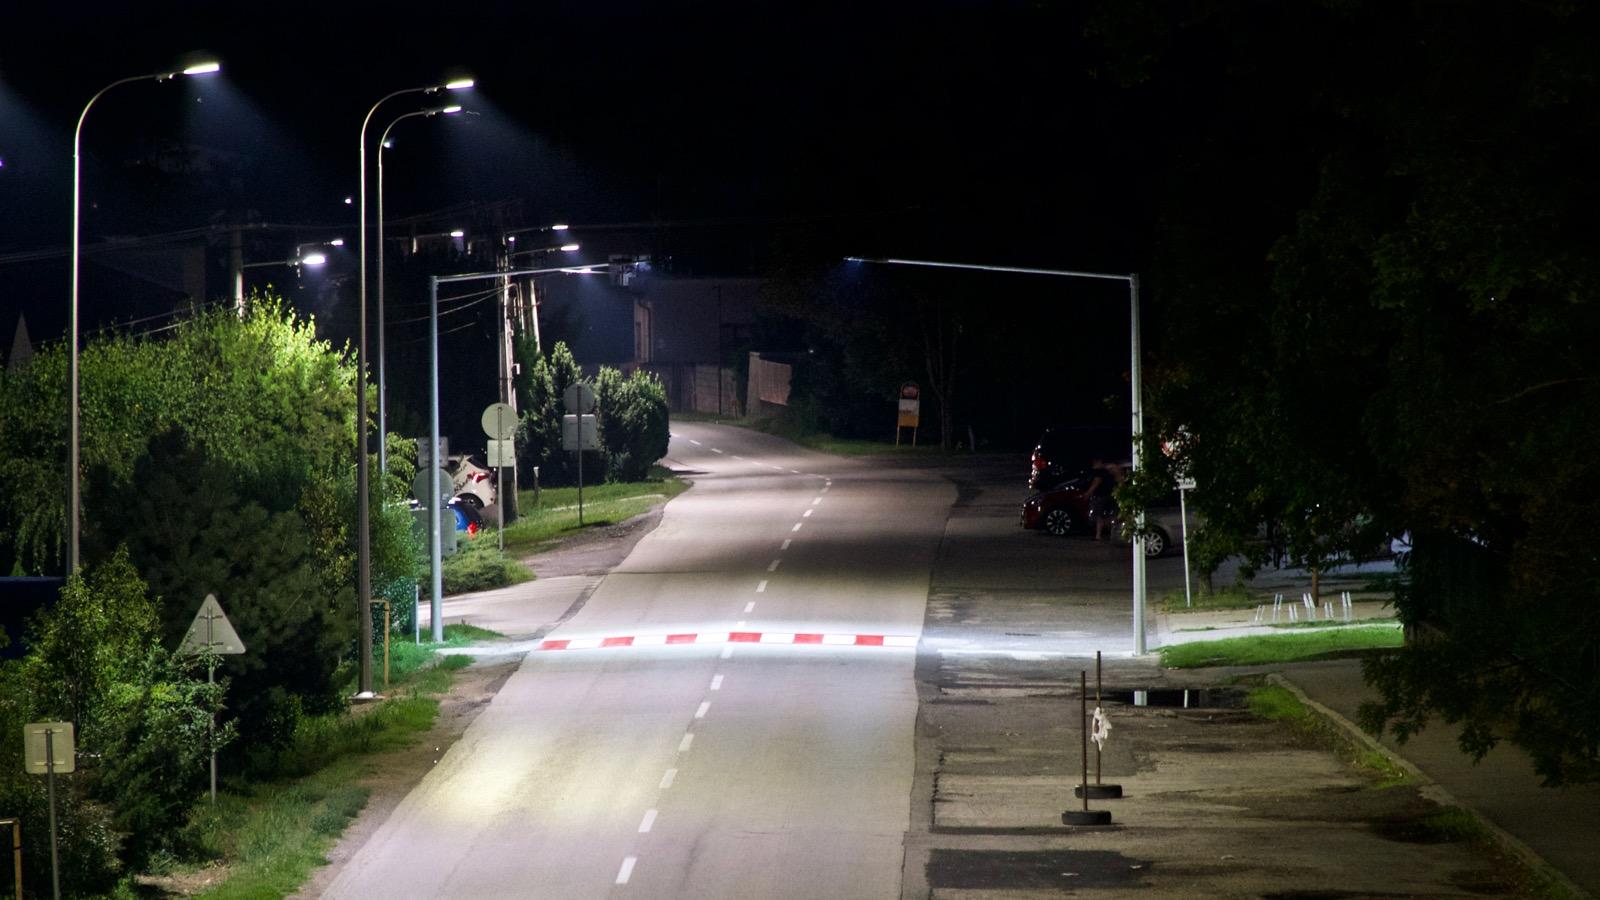 c485e164f Komplexná modernizácia verejného osvetlenia - II. etapa | Eco-logic ...